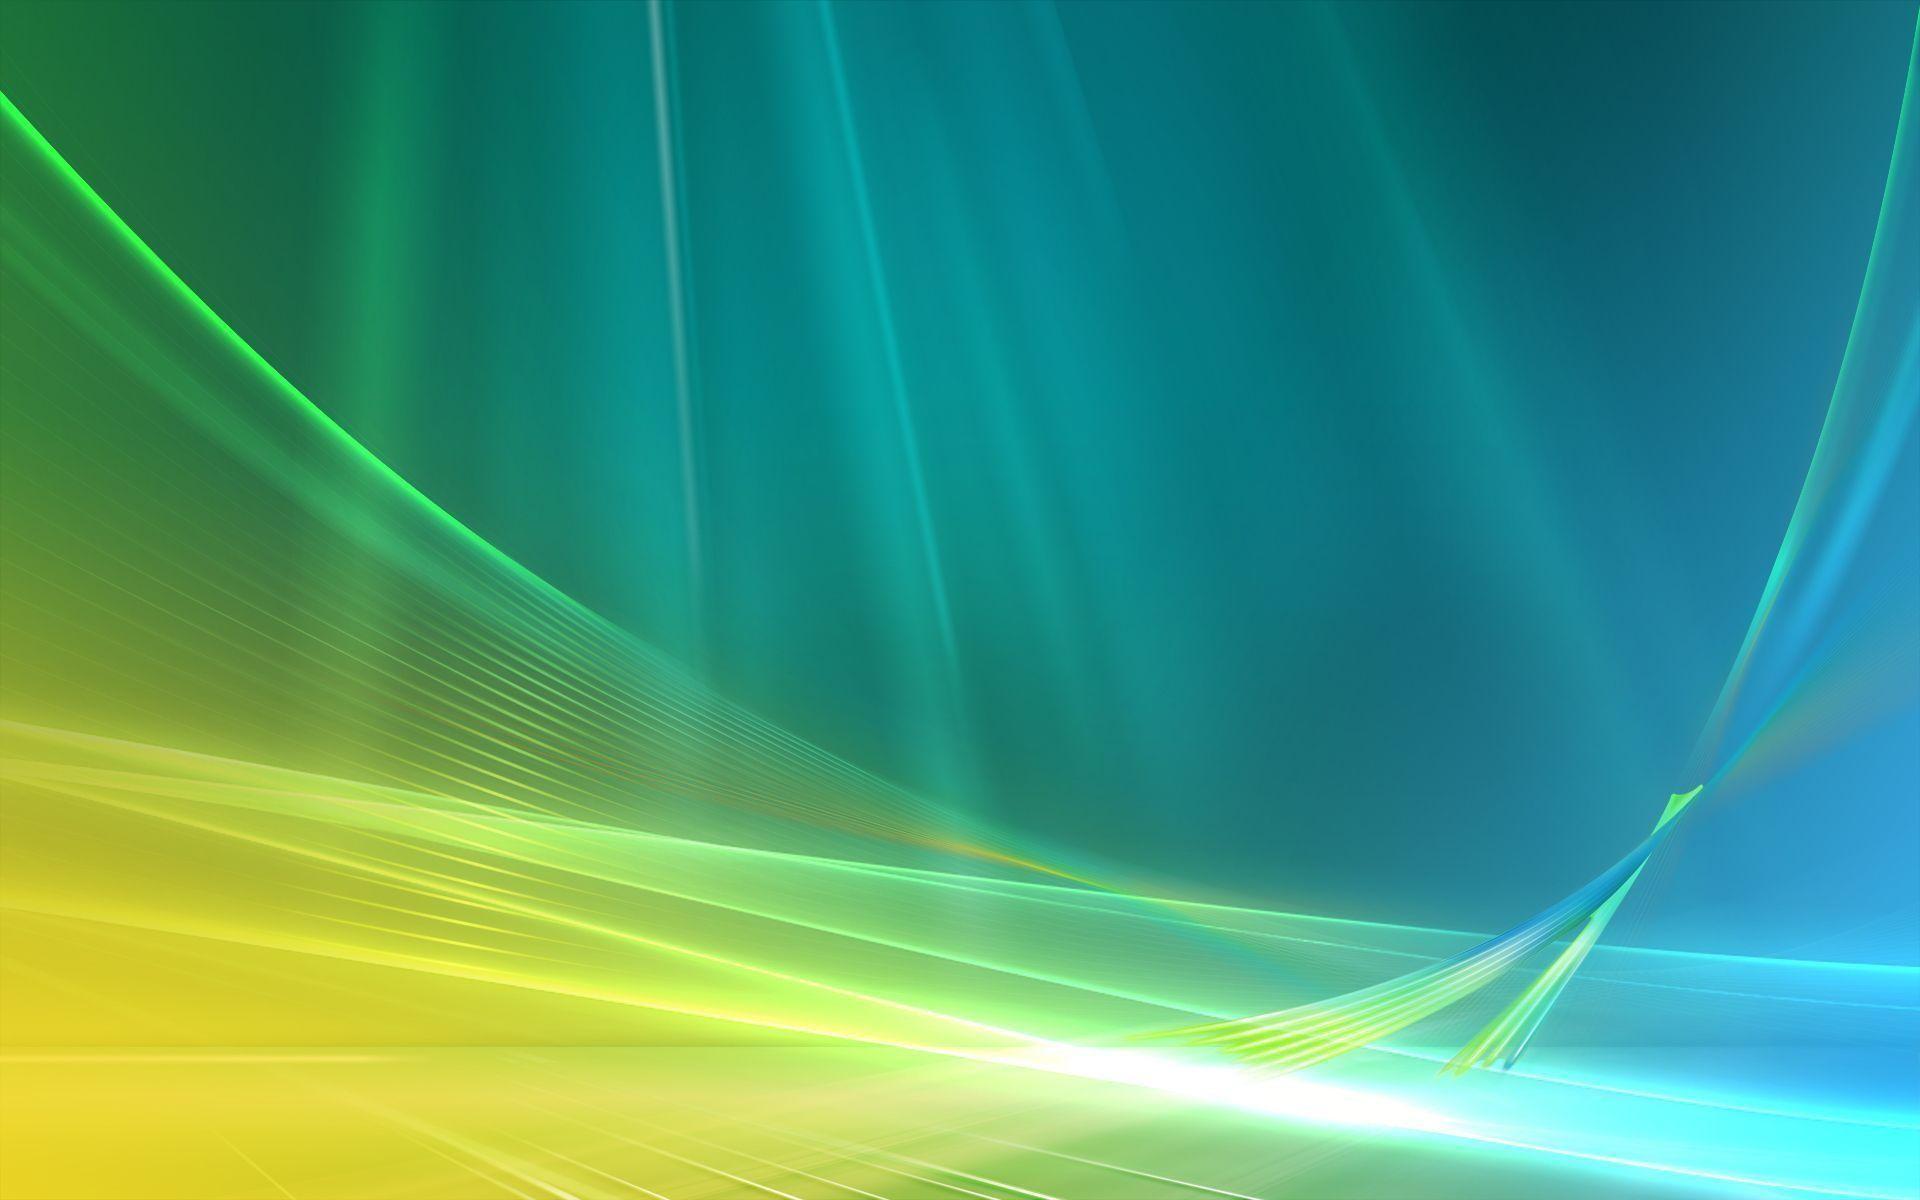 windows vista desktop background (54+ images)